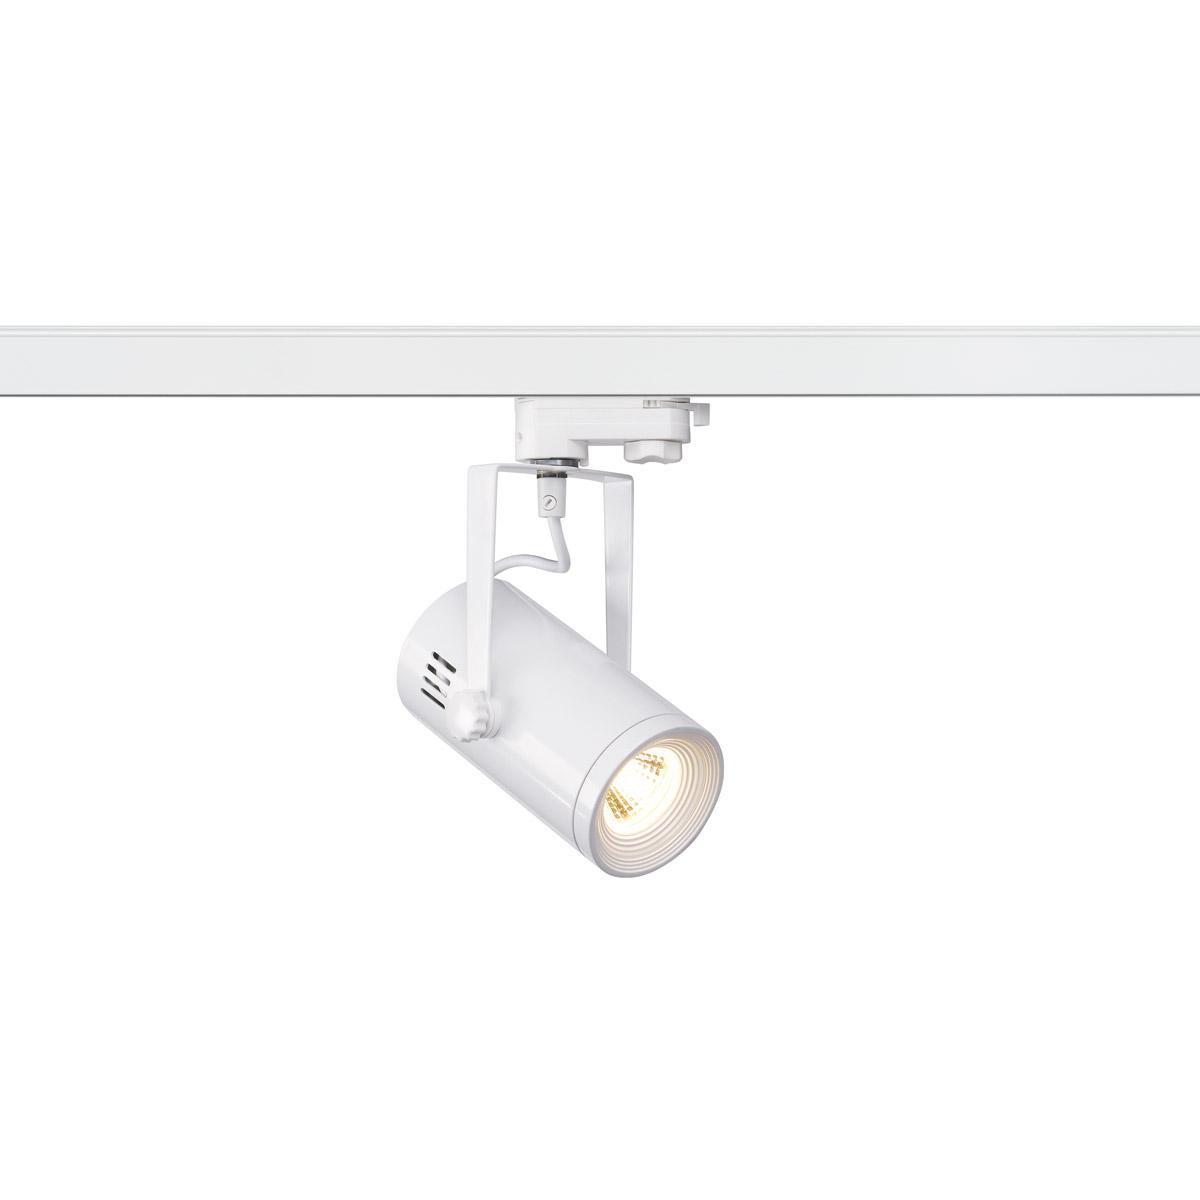 1 Stk EURO SPOT LED SMALL, 9W COB LED, 3000K, 36°, weiß LI153801--